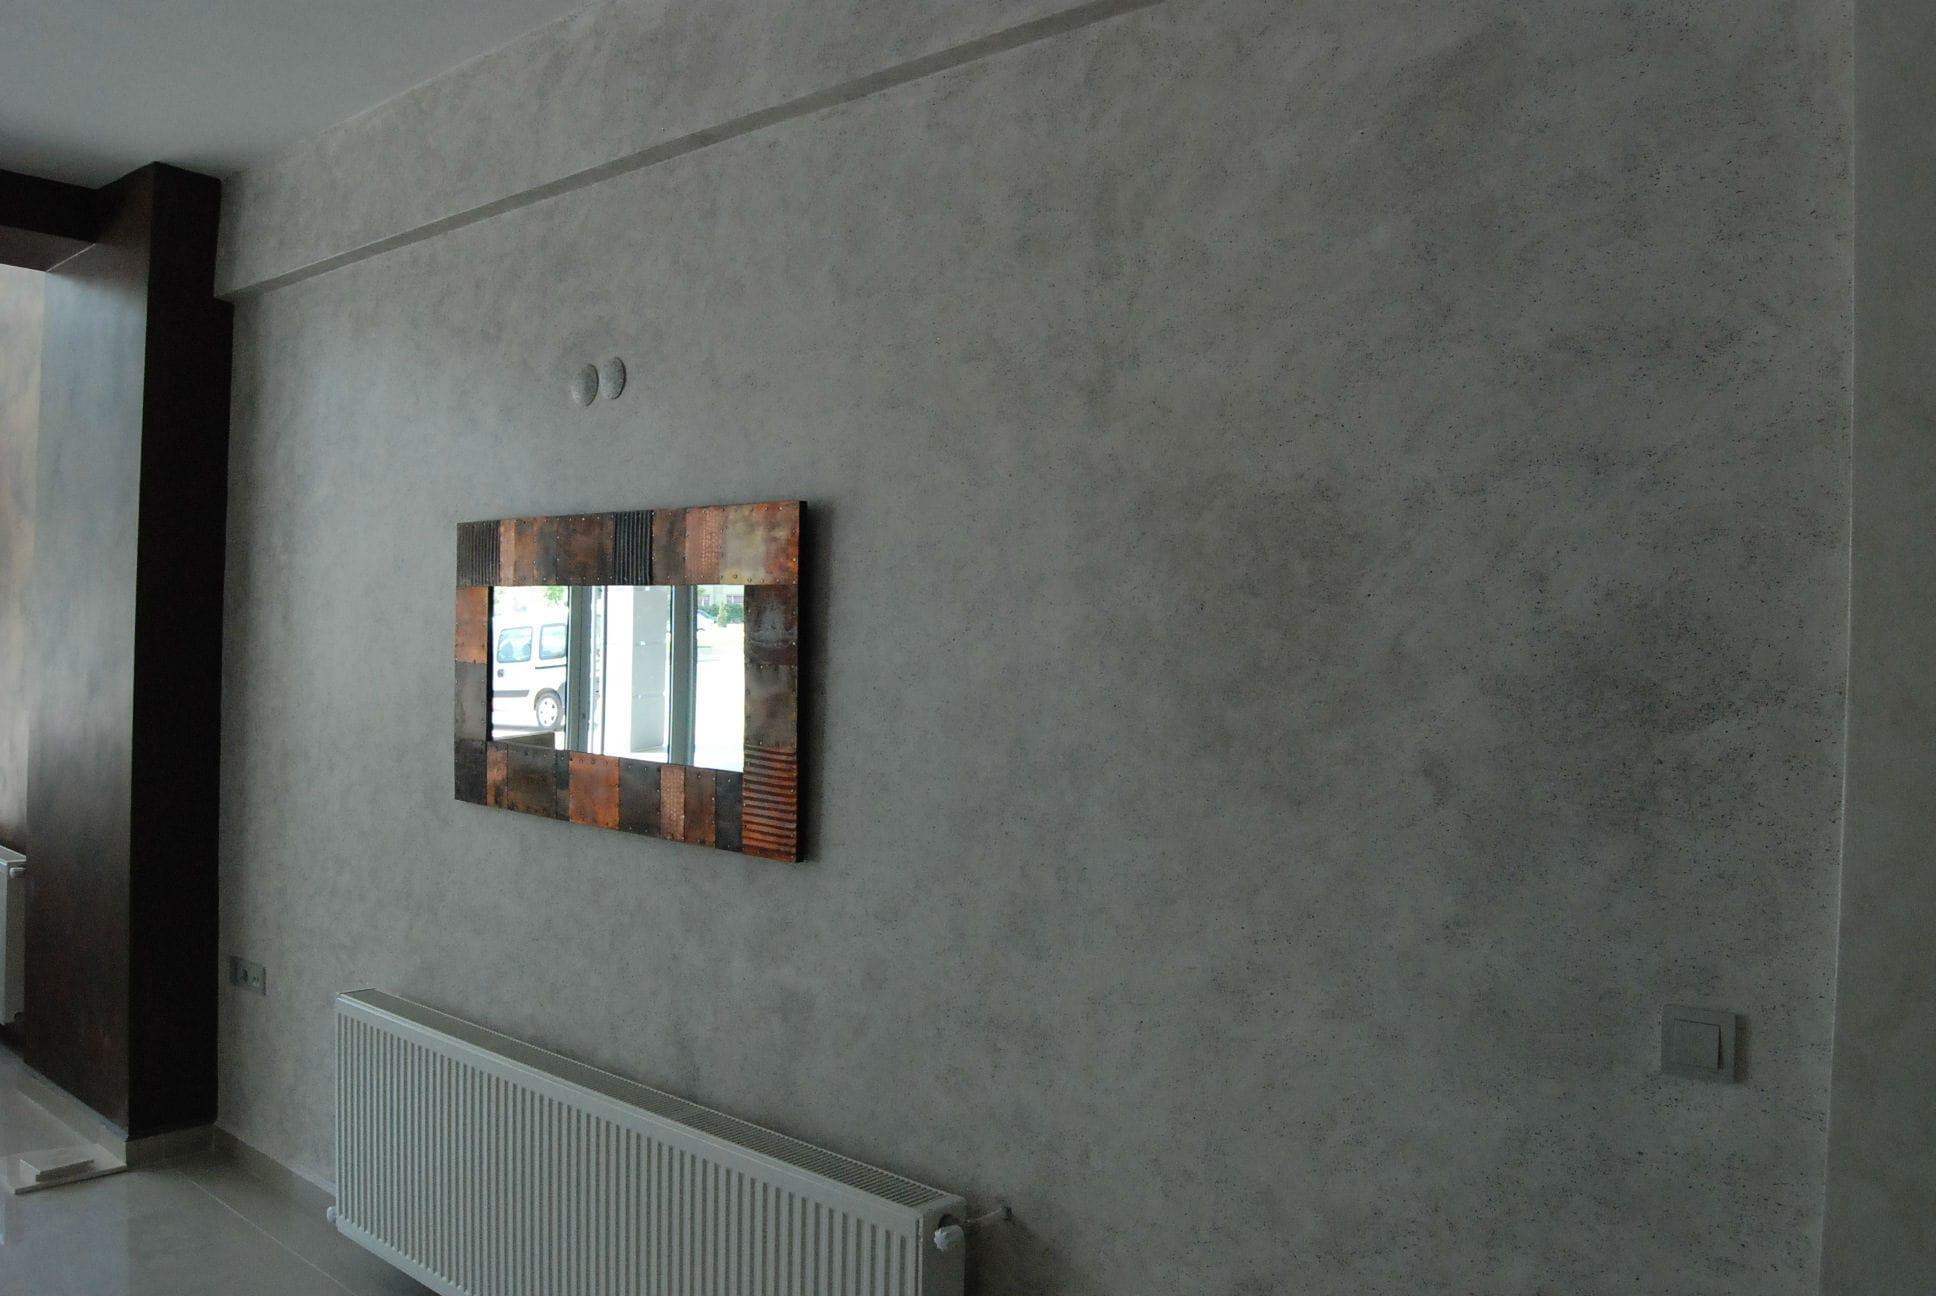 Merveilleux Peinture Metallisee Pour Mur #4: ... Peinture Décorative / Pour Mur / Intérieure / Acrylique KLONDIKE LIGHT  VALPAINT ...